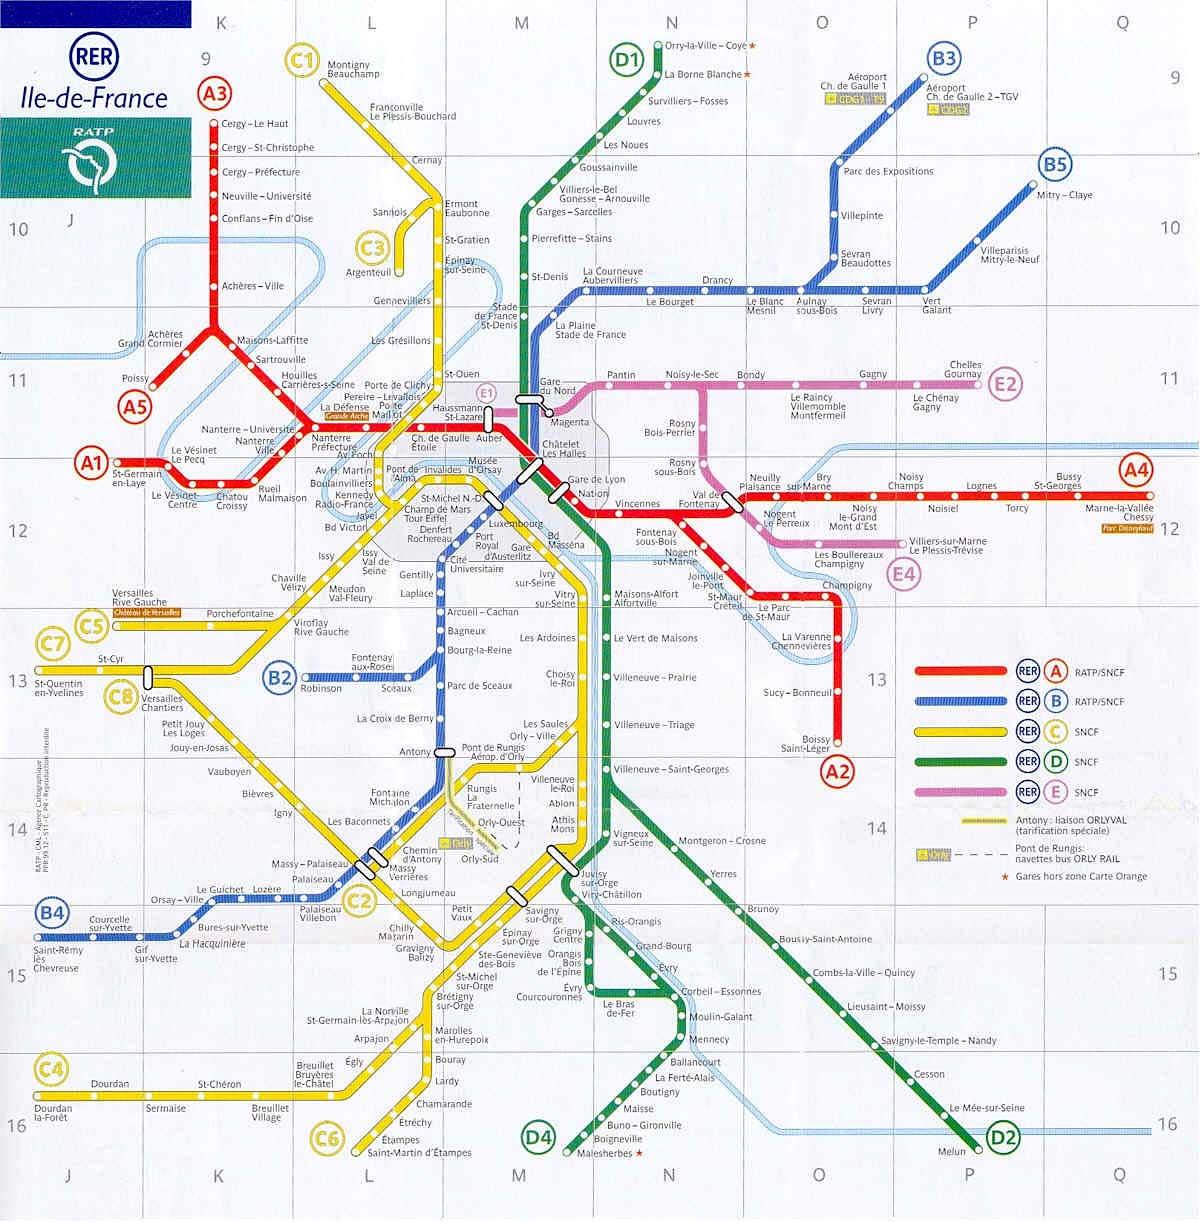 France Map Paris RER Network